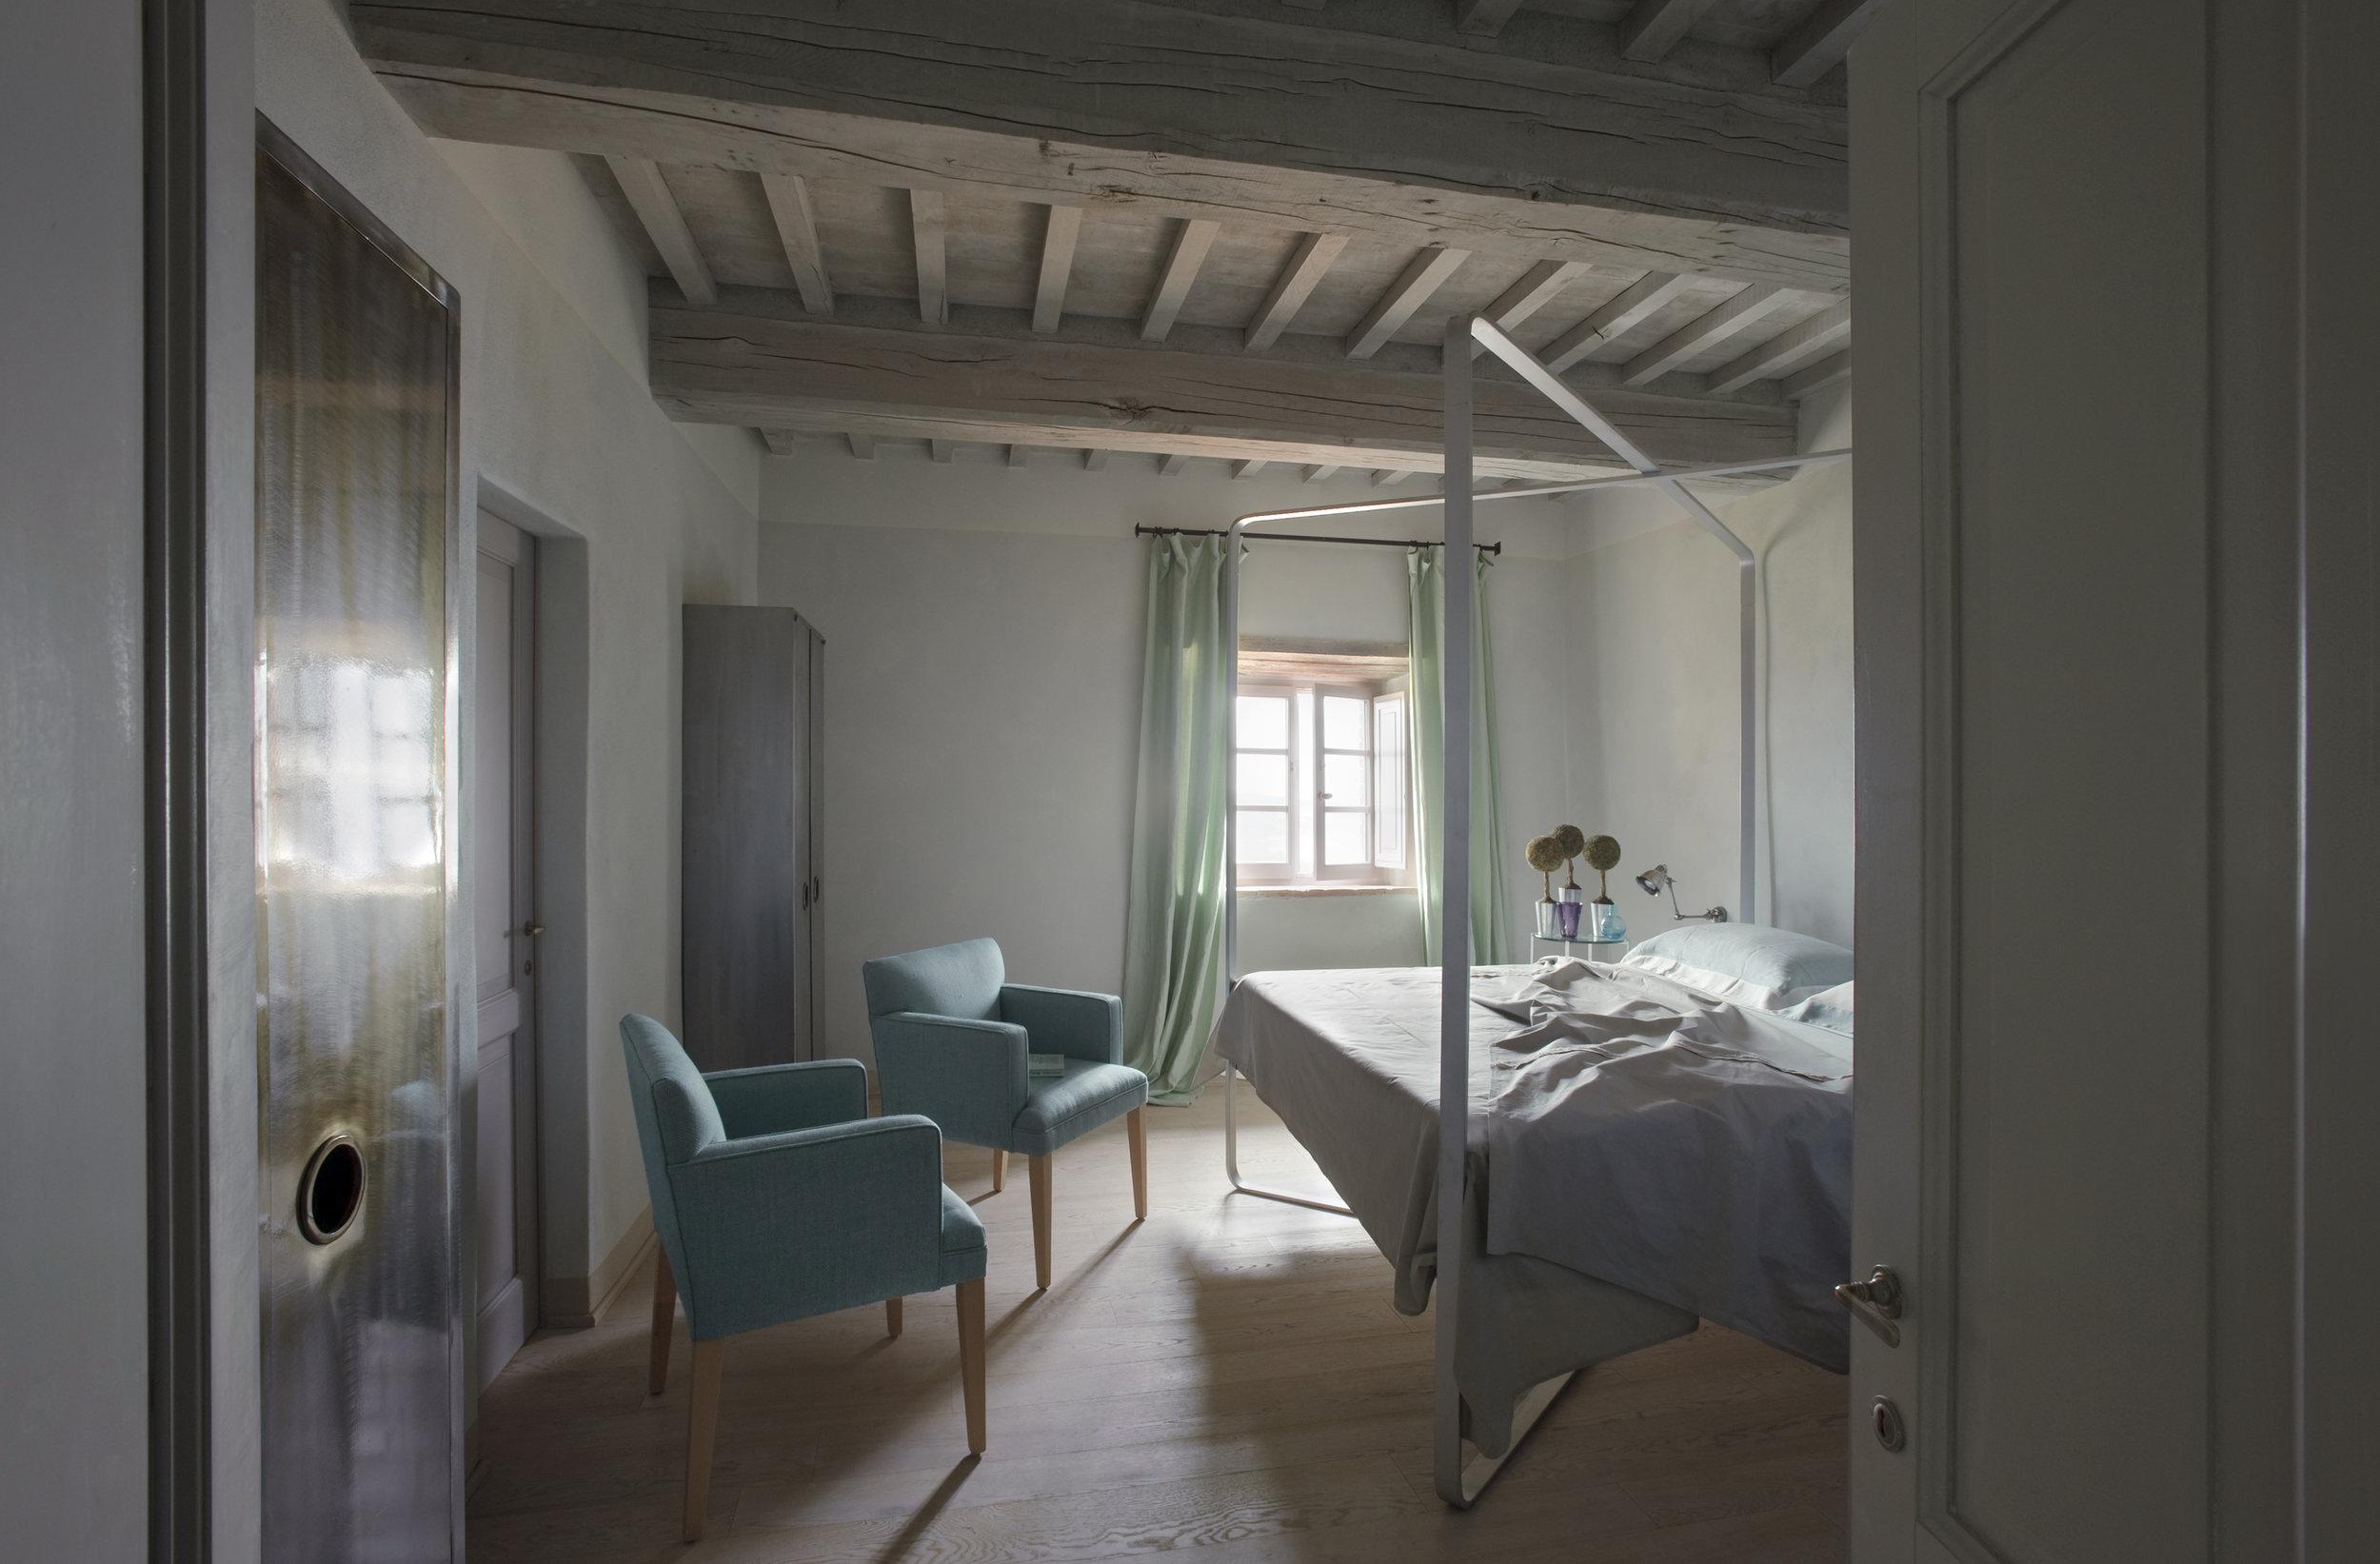 71 - Villa Muri Antichi - bedroom 5.jpg